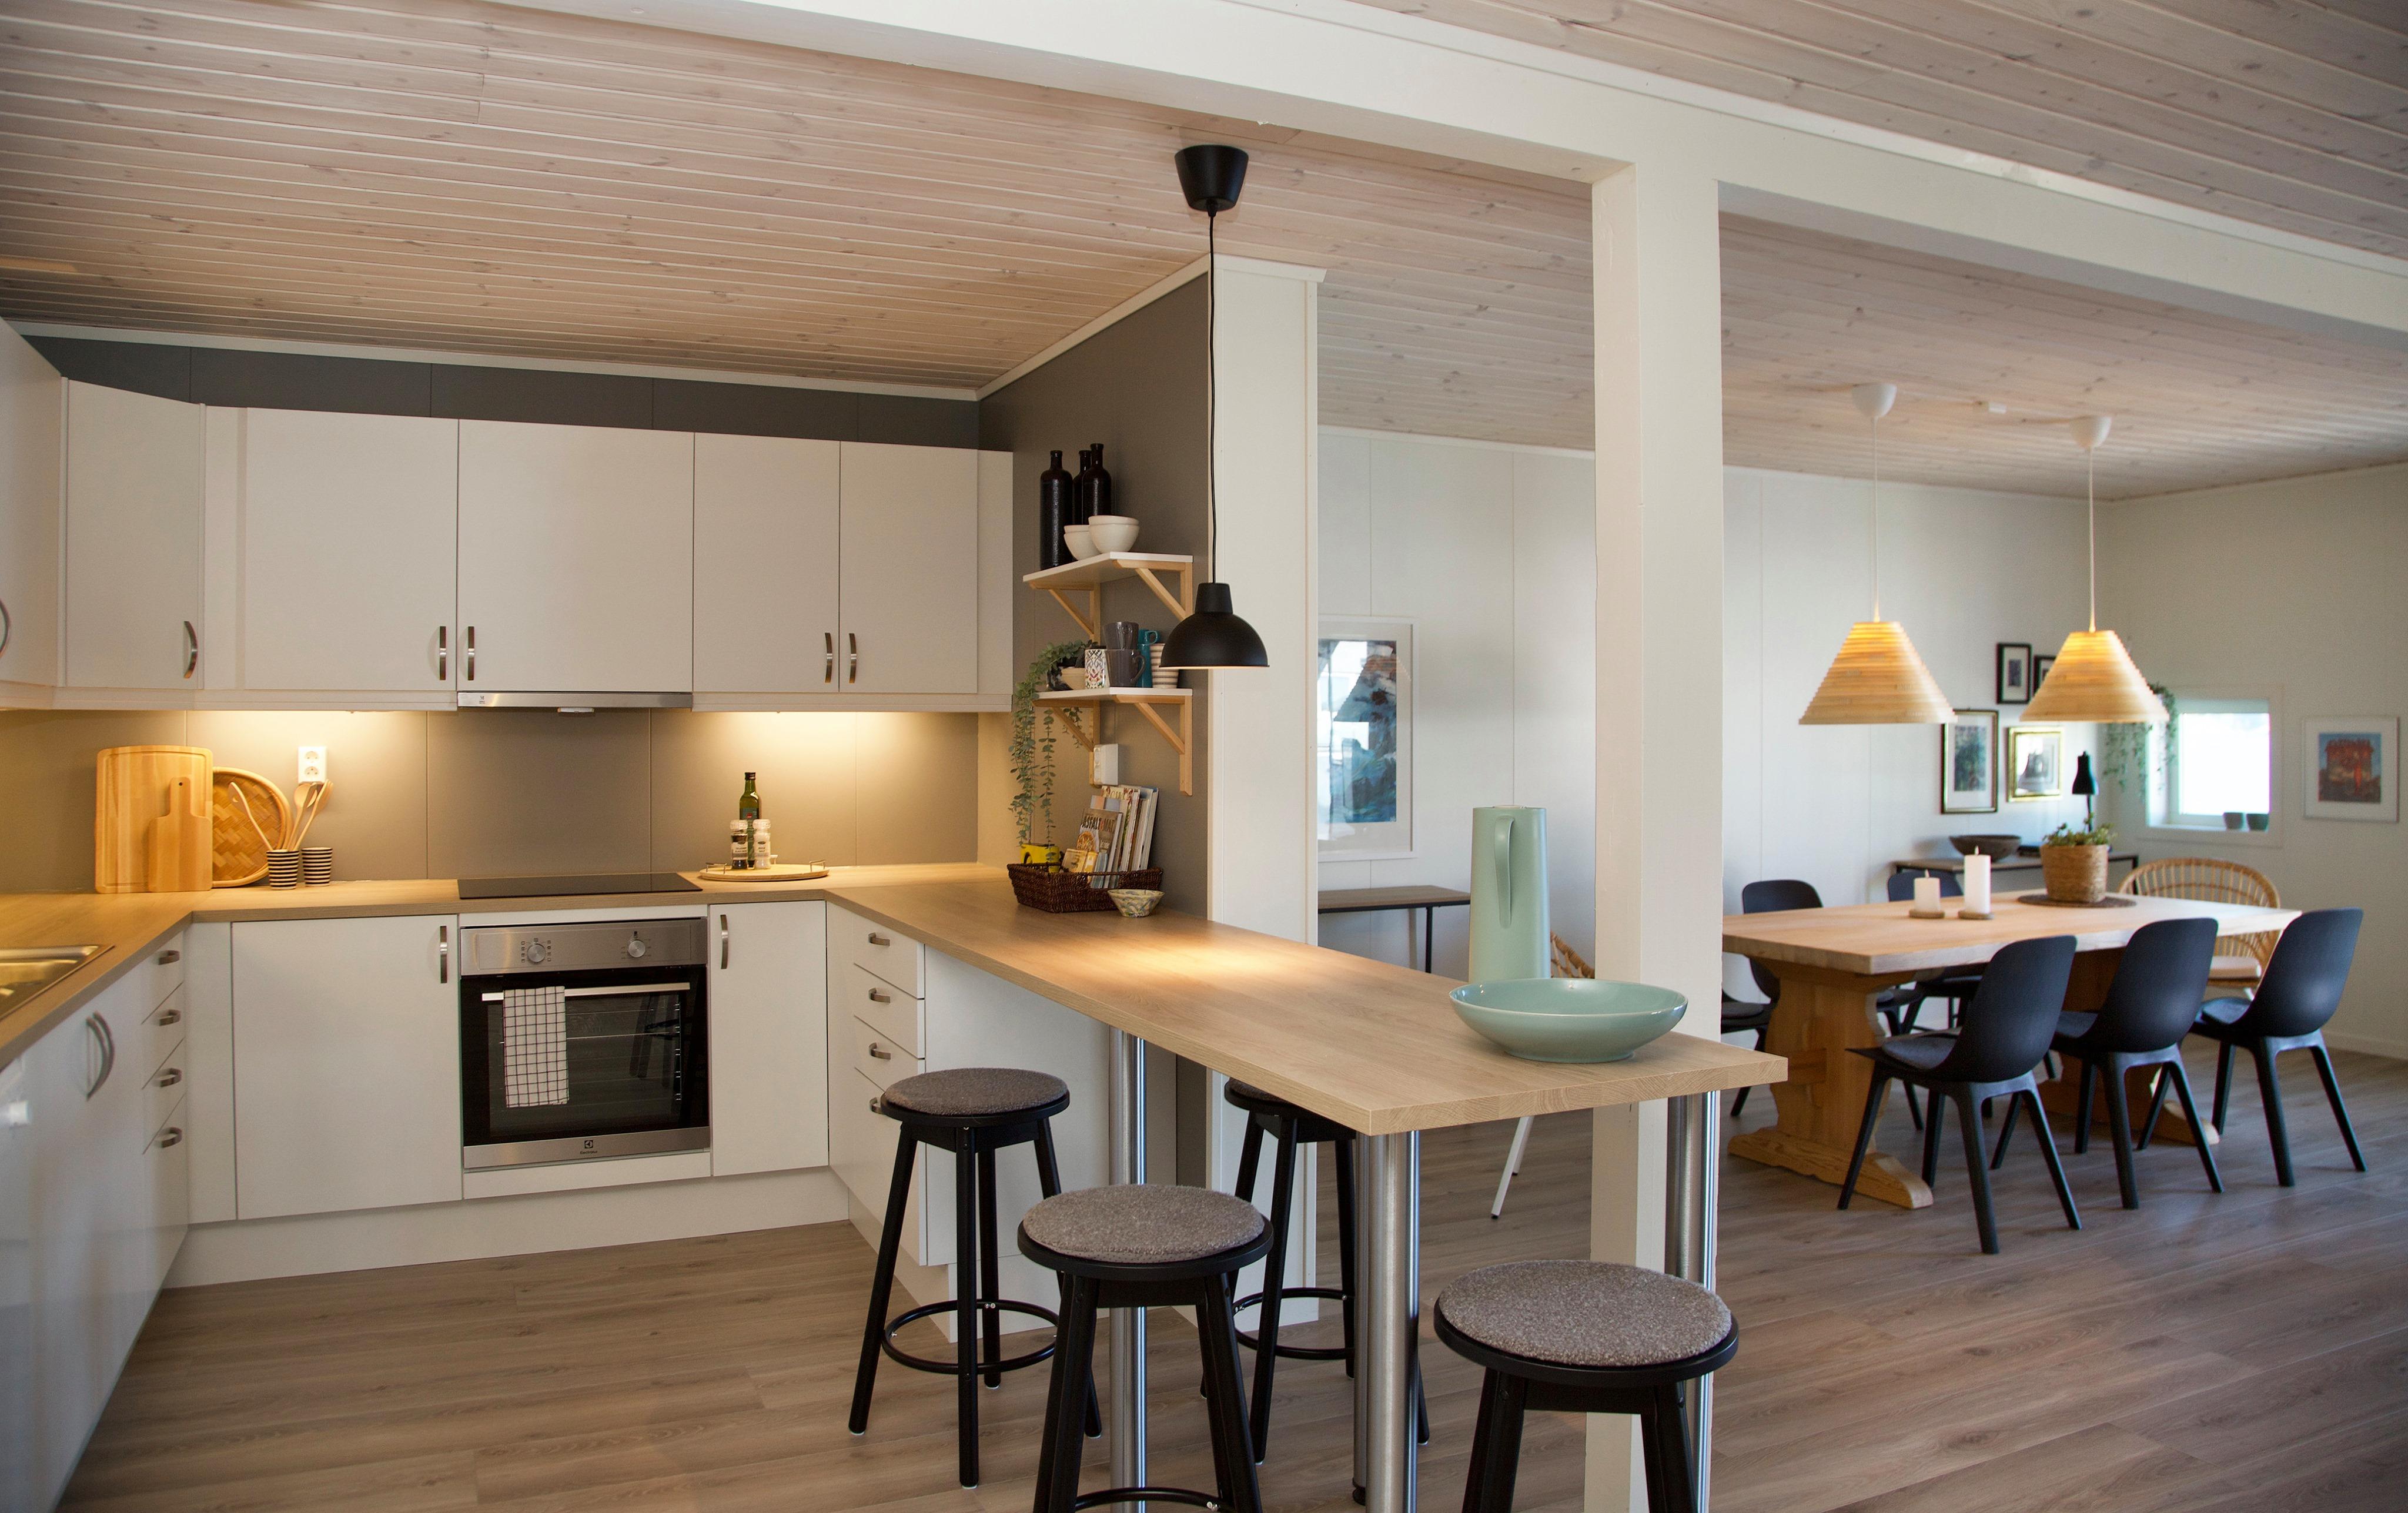 Bilde av leilegheit med kjøkken og spisestue.